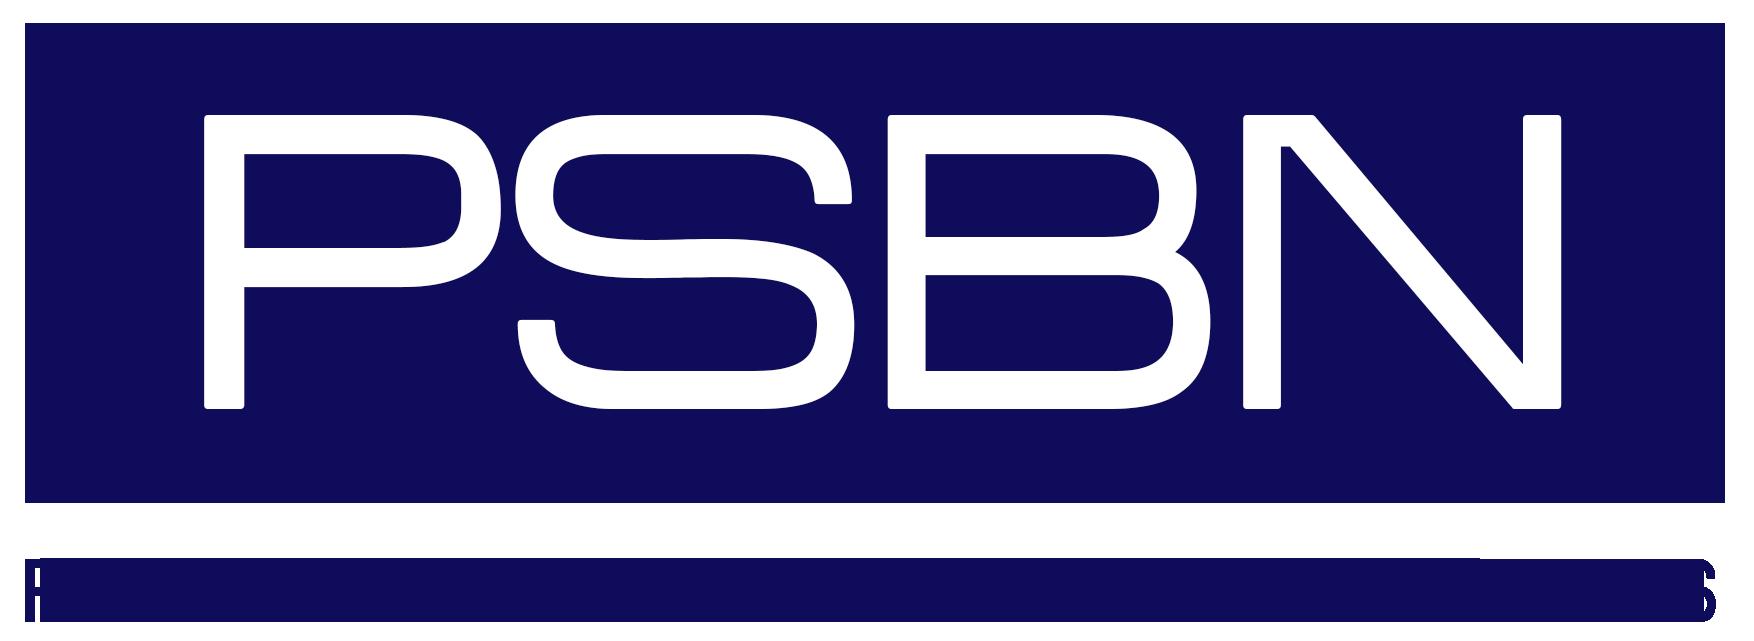 PSBN Logo no border